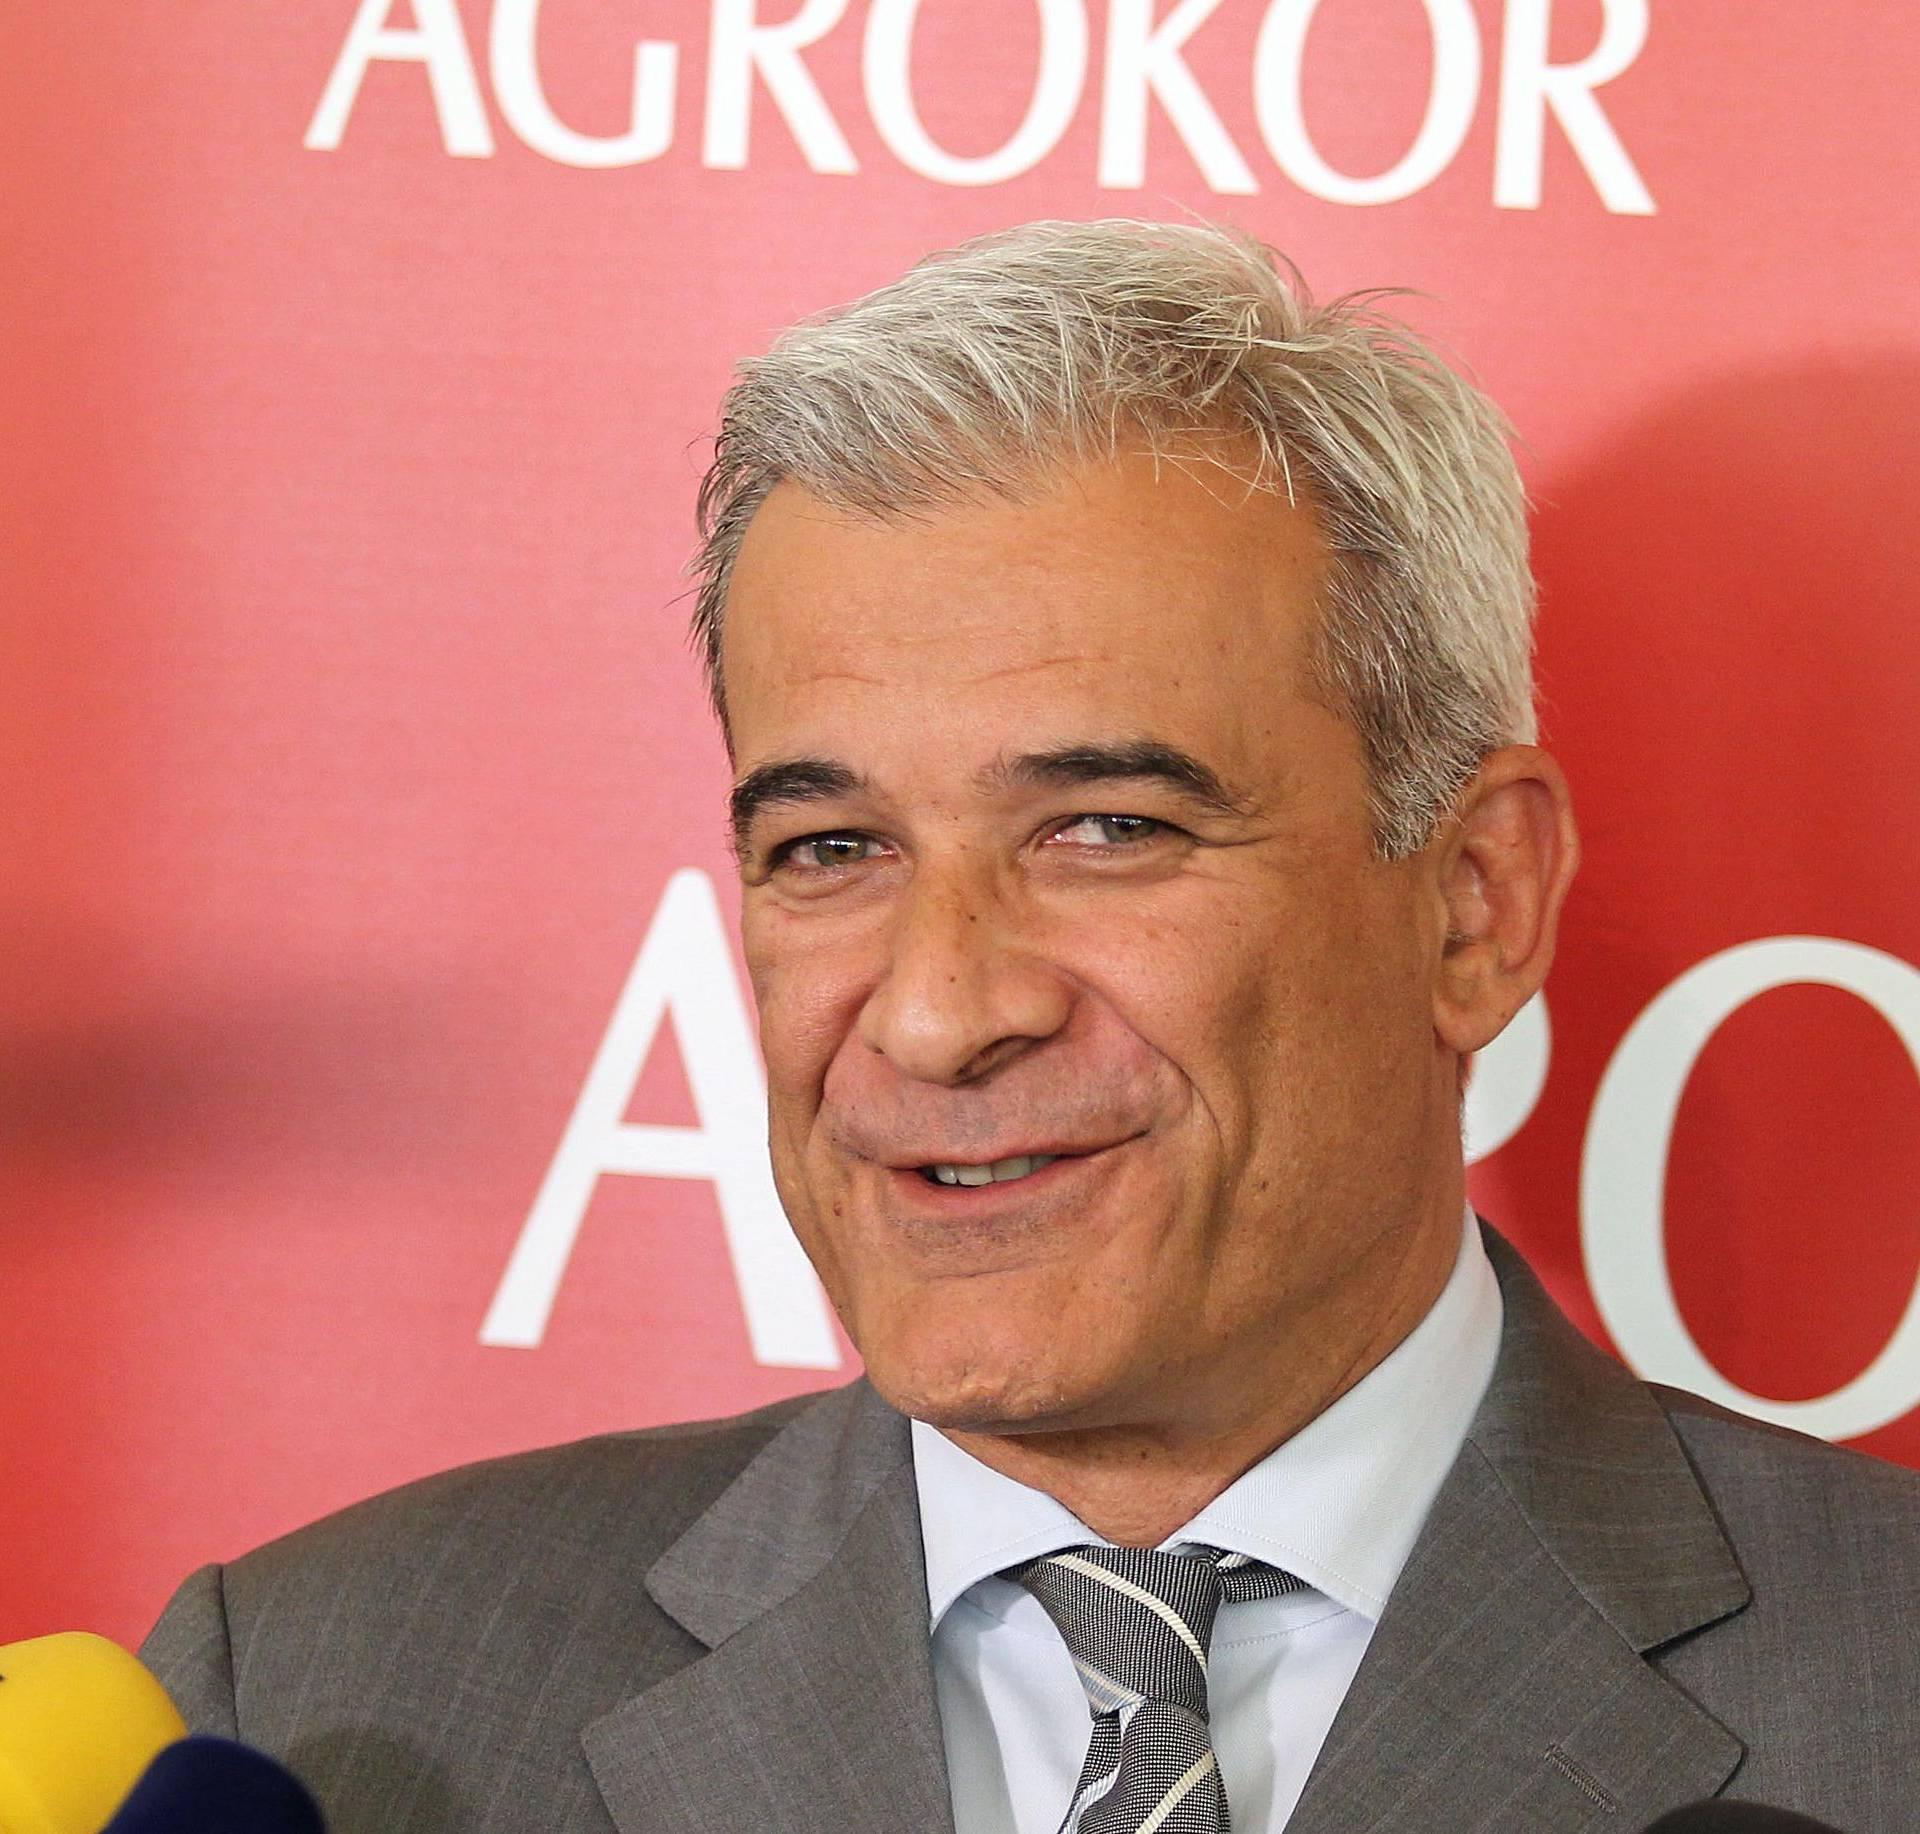 Za 8,5 mjeseci rada: Agrokor je Ramljaku isplatio milijun kuna!